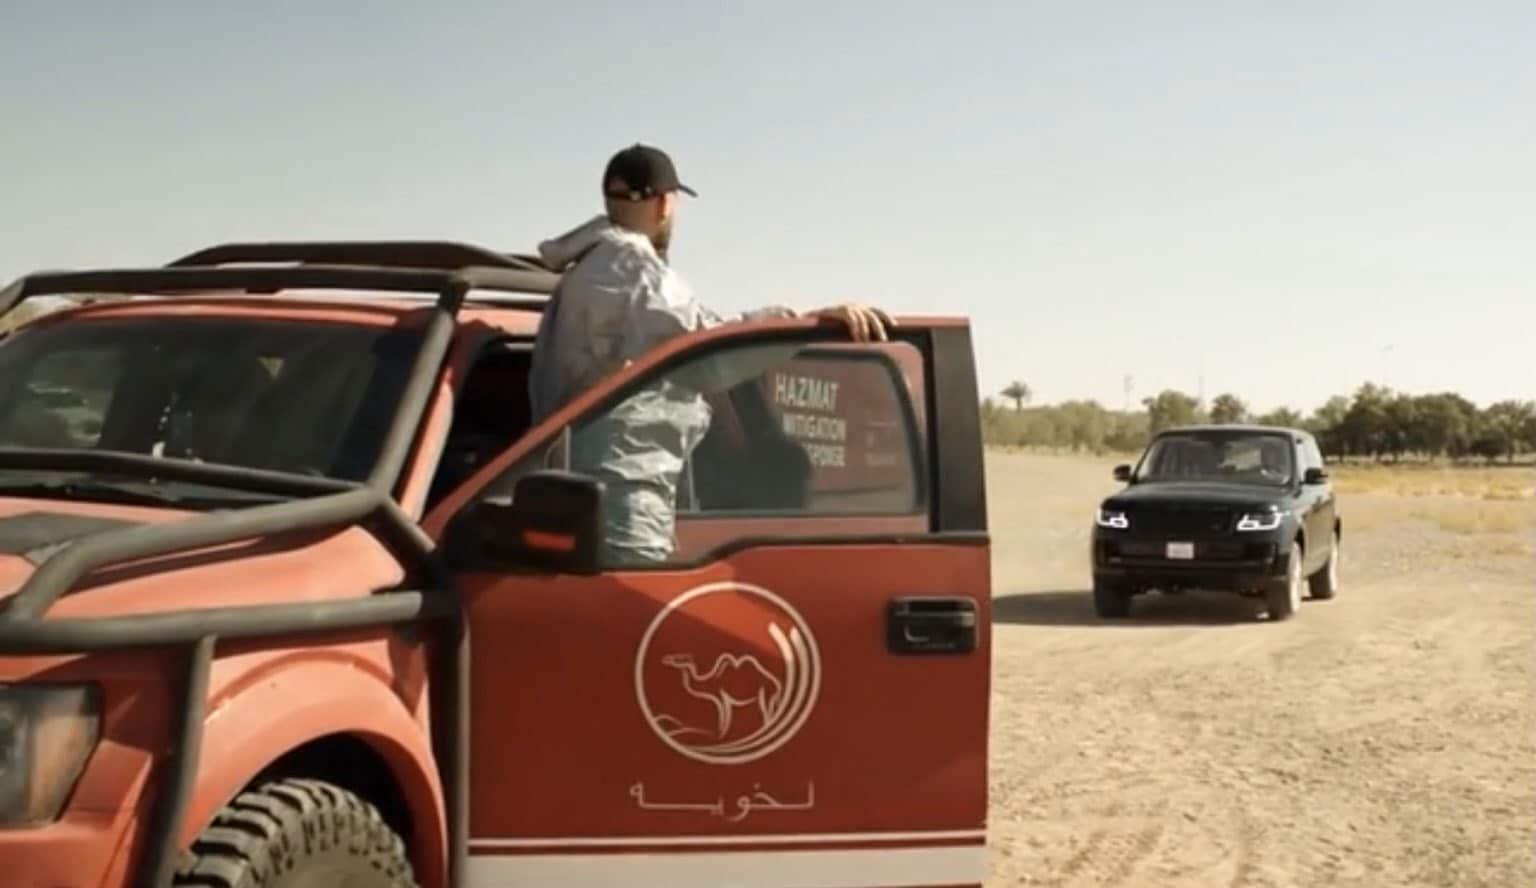 جانب من مشاهد فيلم غريبو الاطوار جيمس بوند المسيئ لقطر